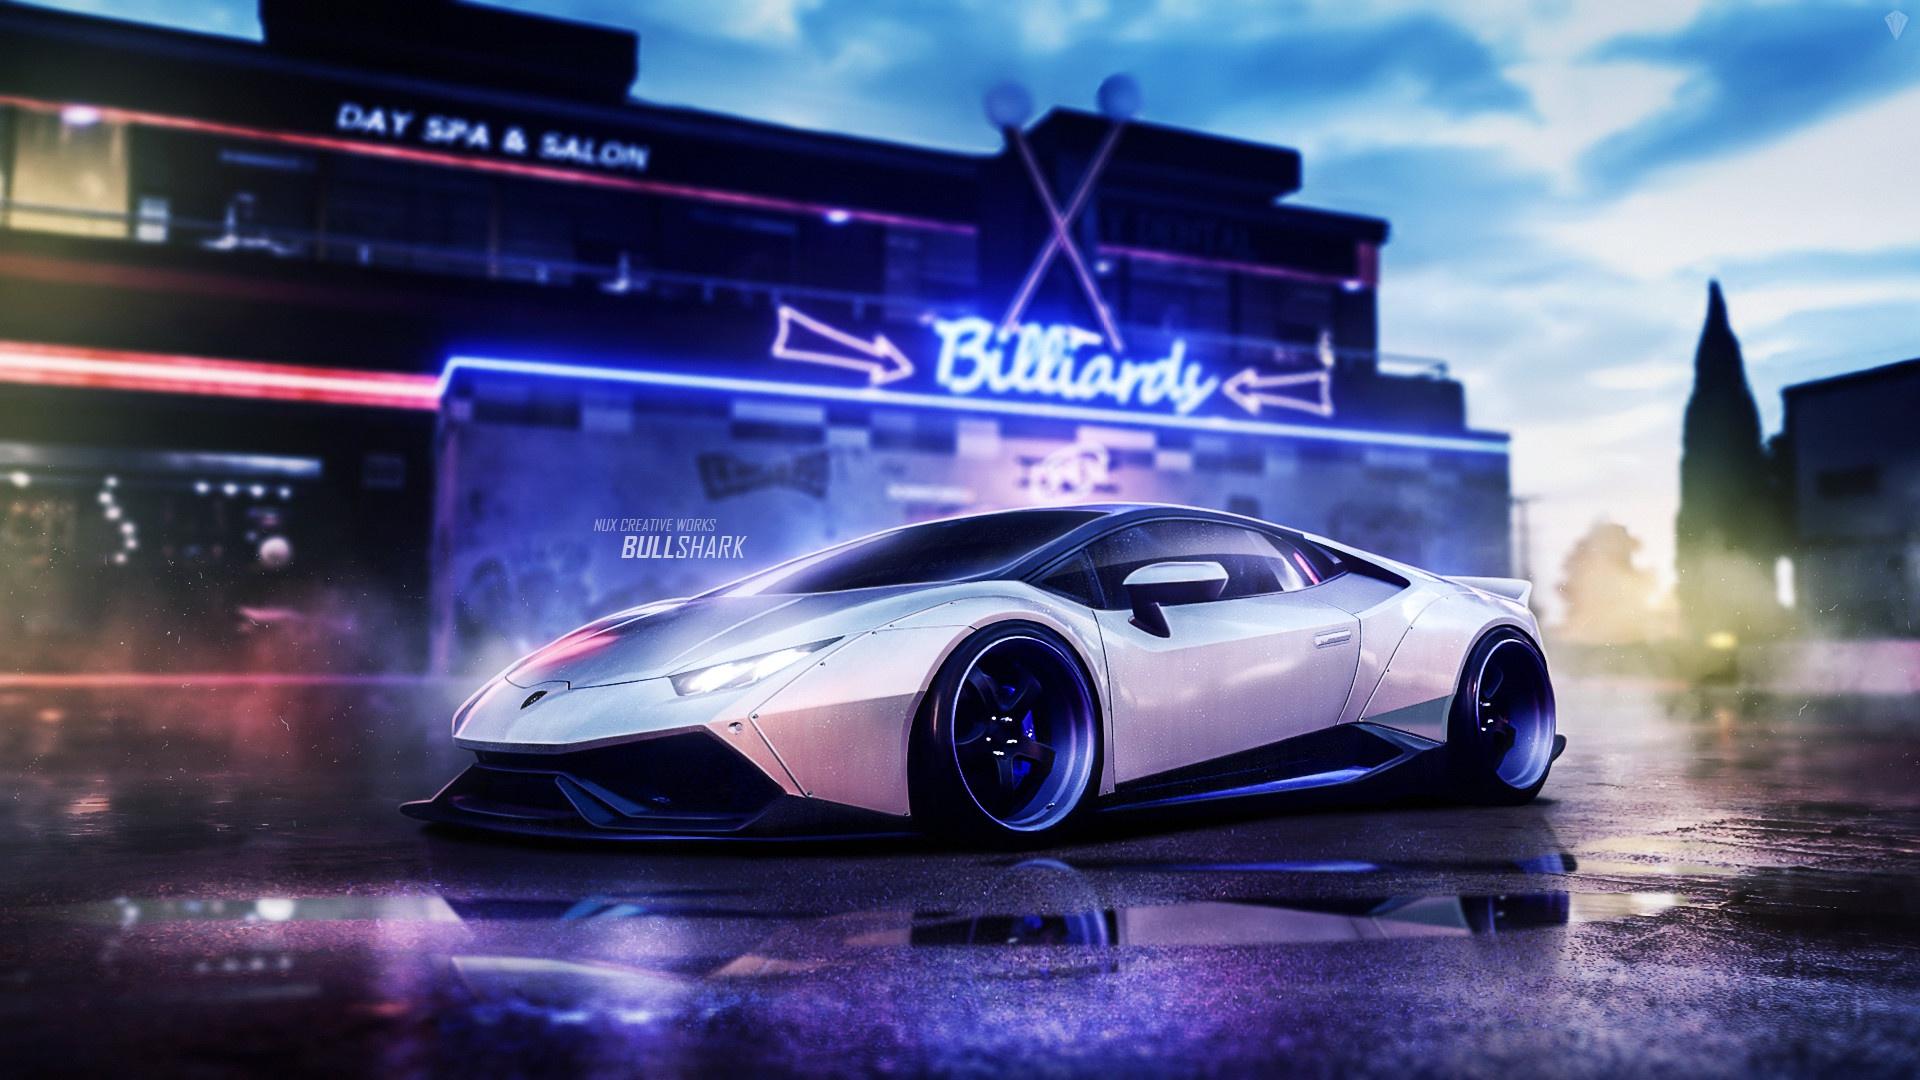 Fondos De Pantalla Lamborghini Huracan Coche Vehículo